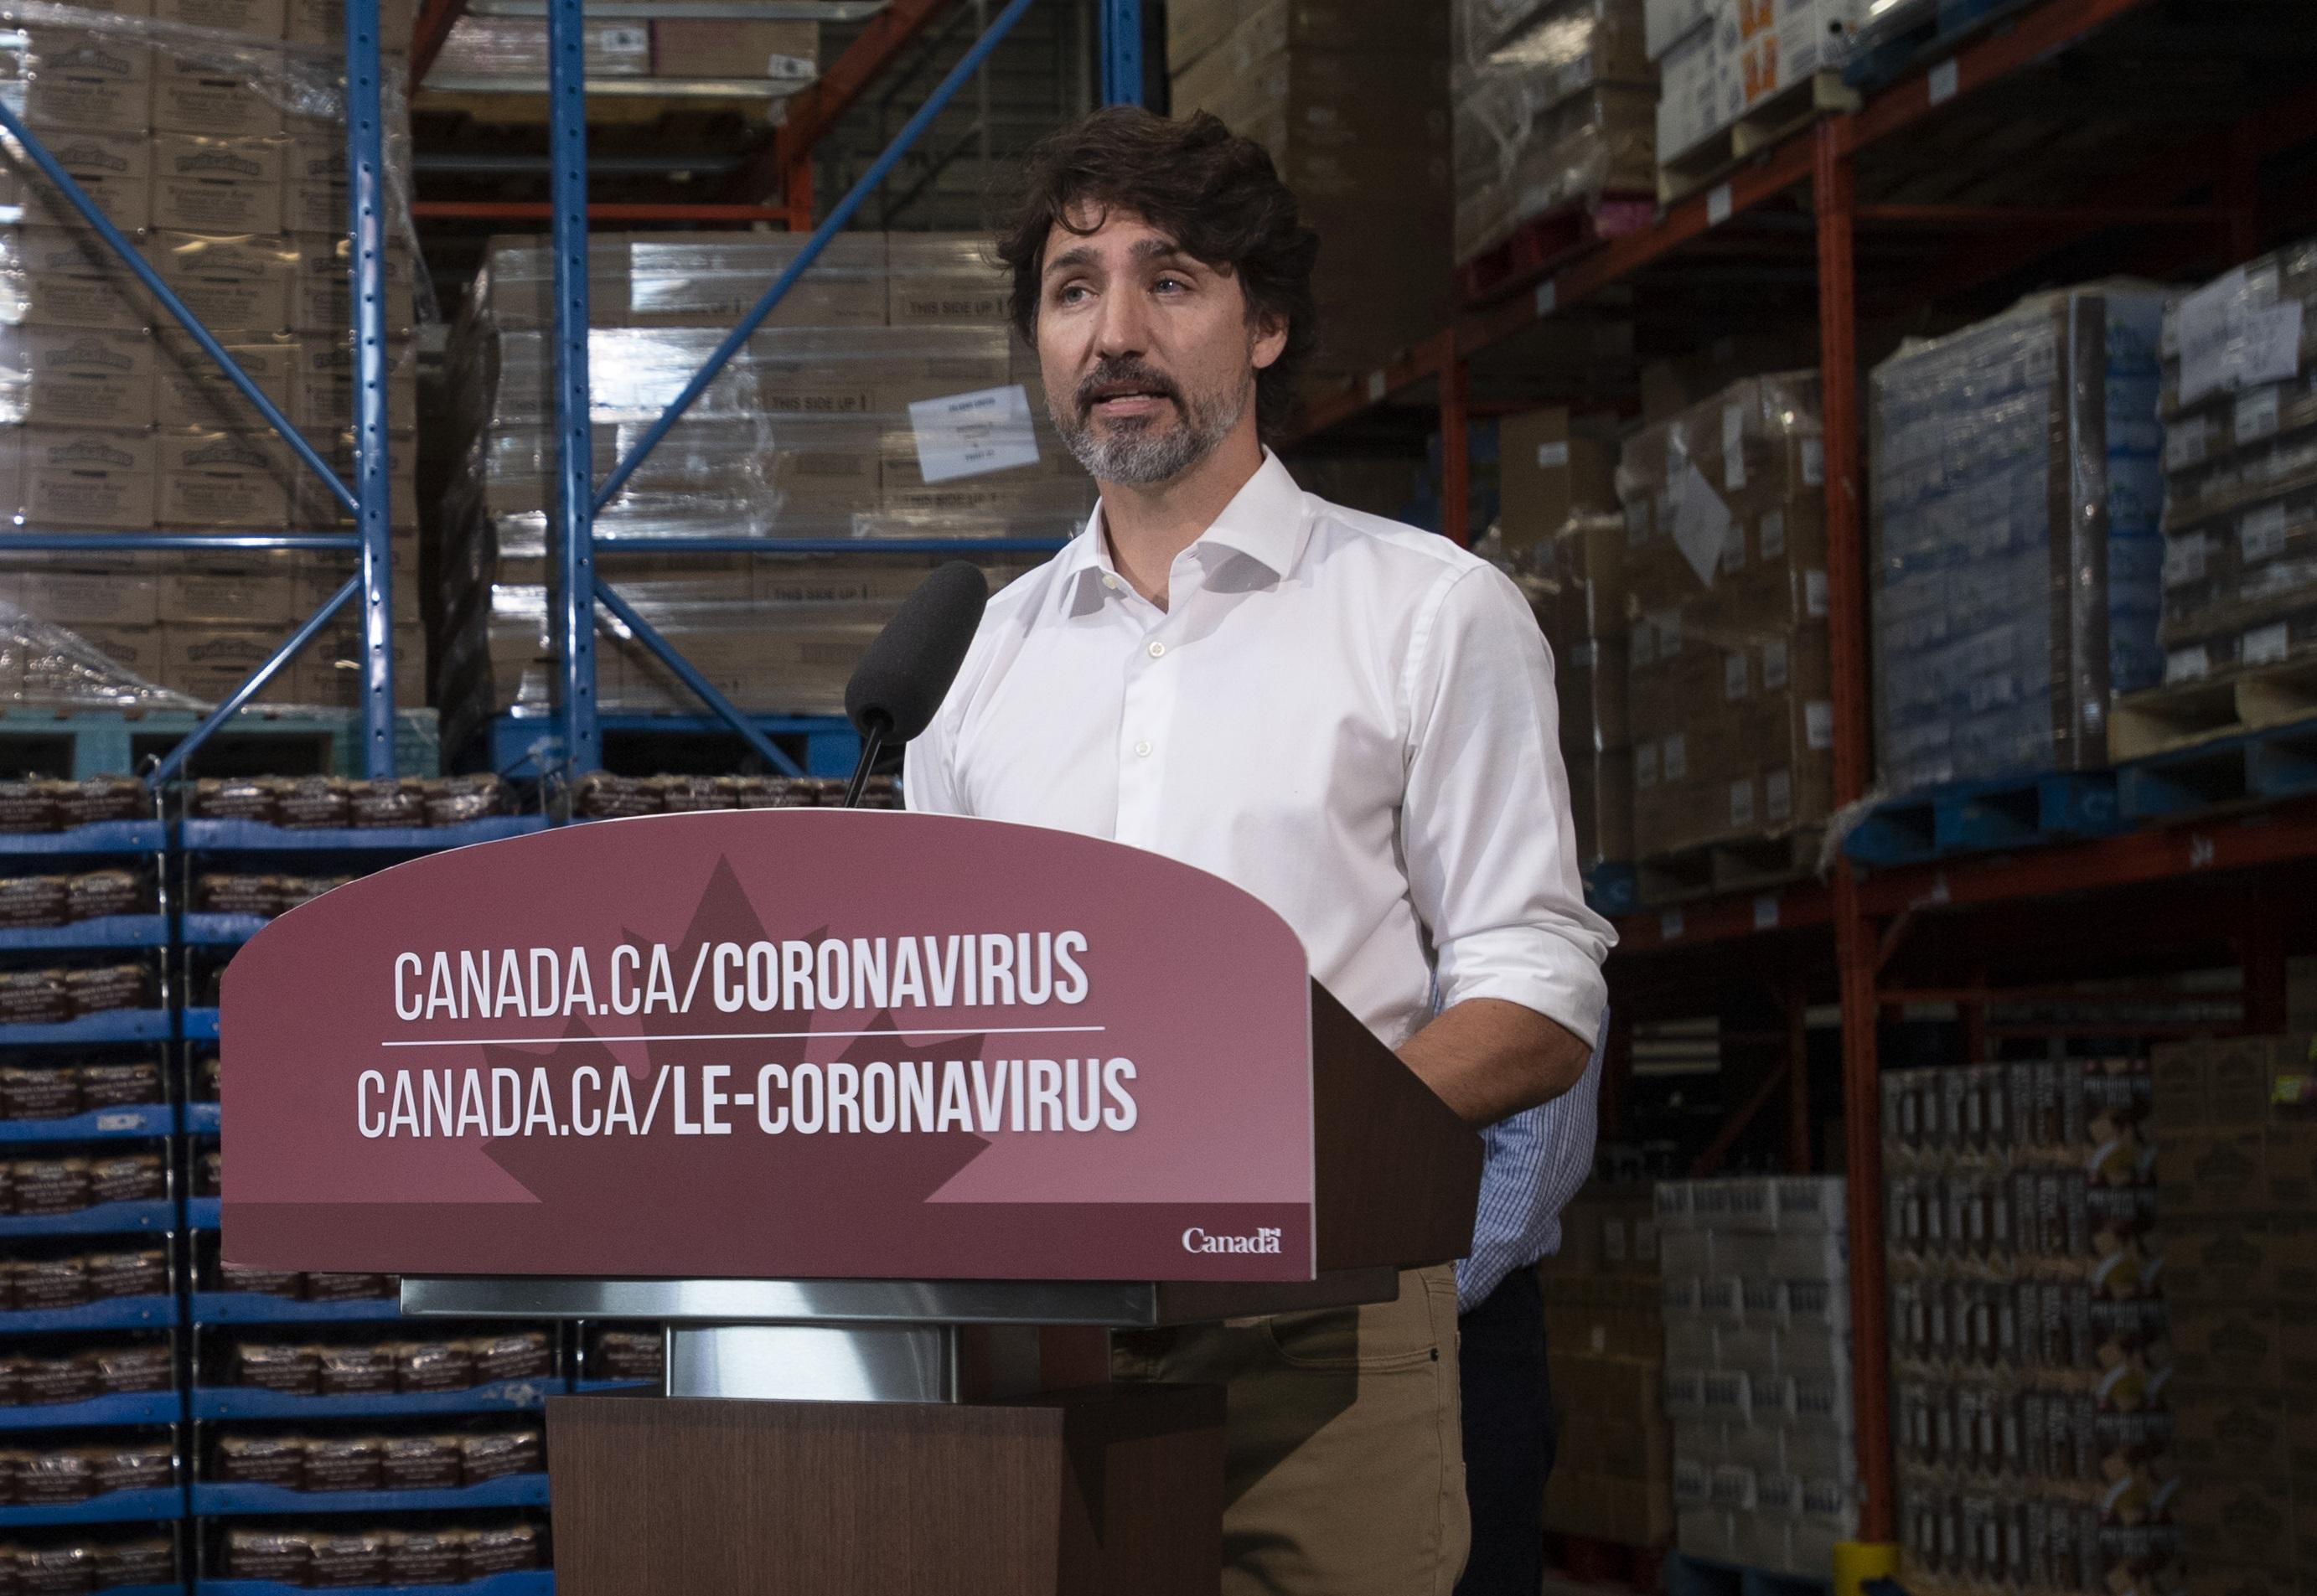 抗議港版國安法 加拿大暫停加港引渡協議並停售軍資